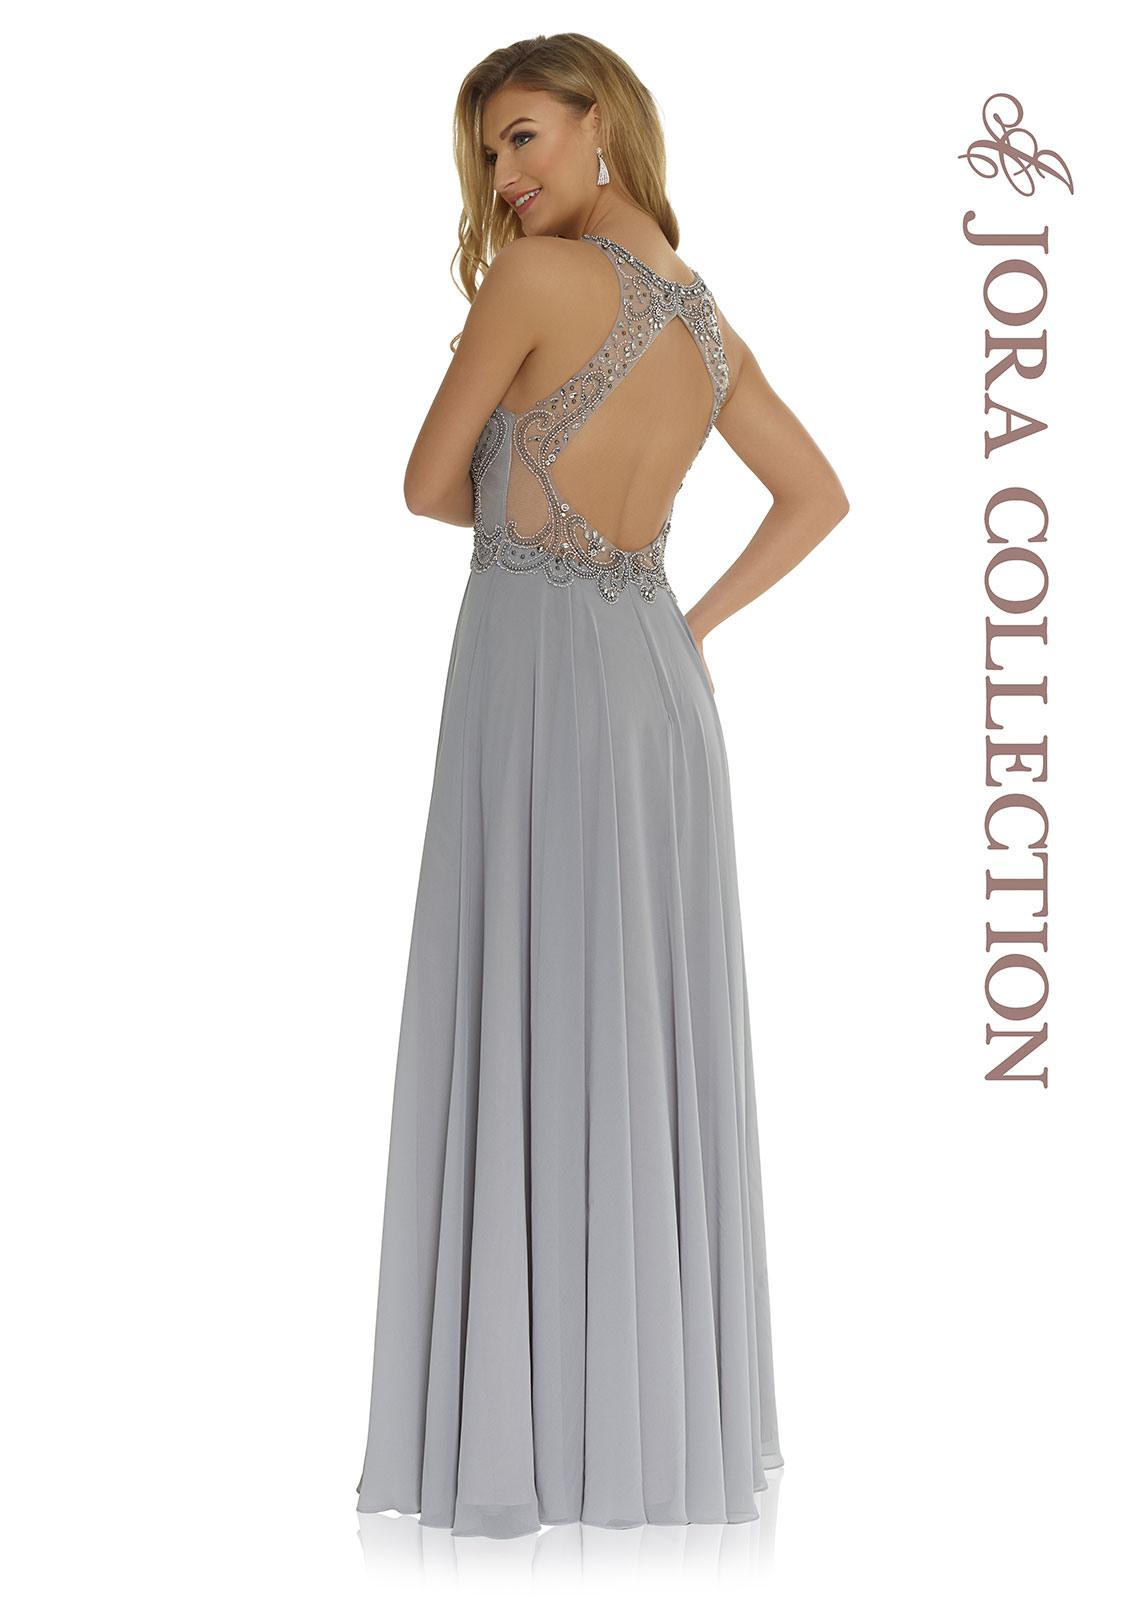 13 Cool Abendkleider Jora Boutique Leicht Abendkleider Jora Ärmel